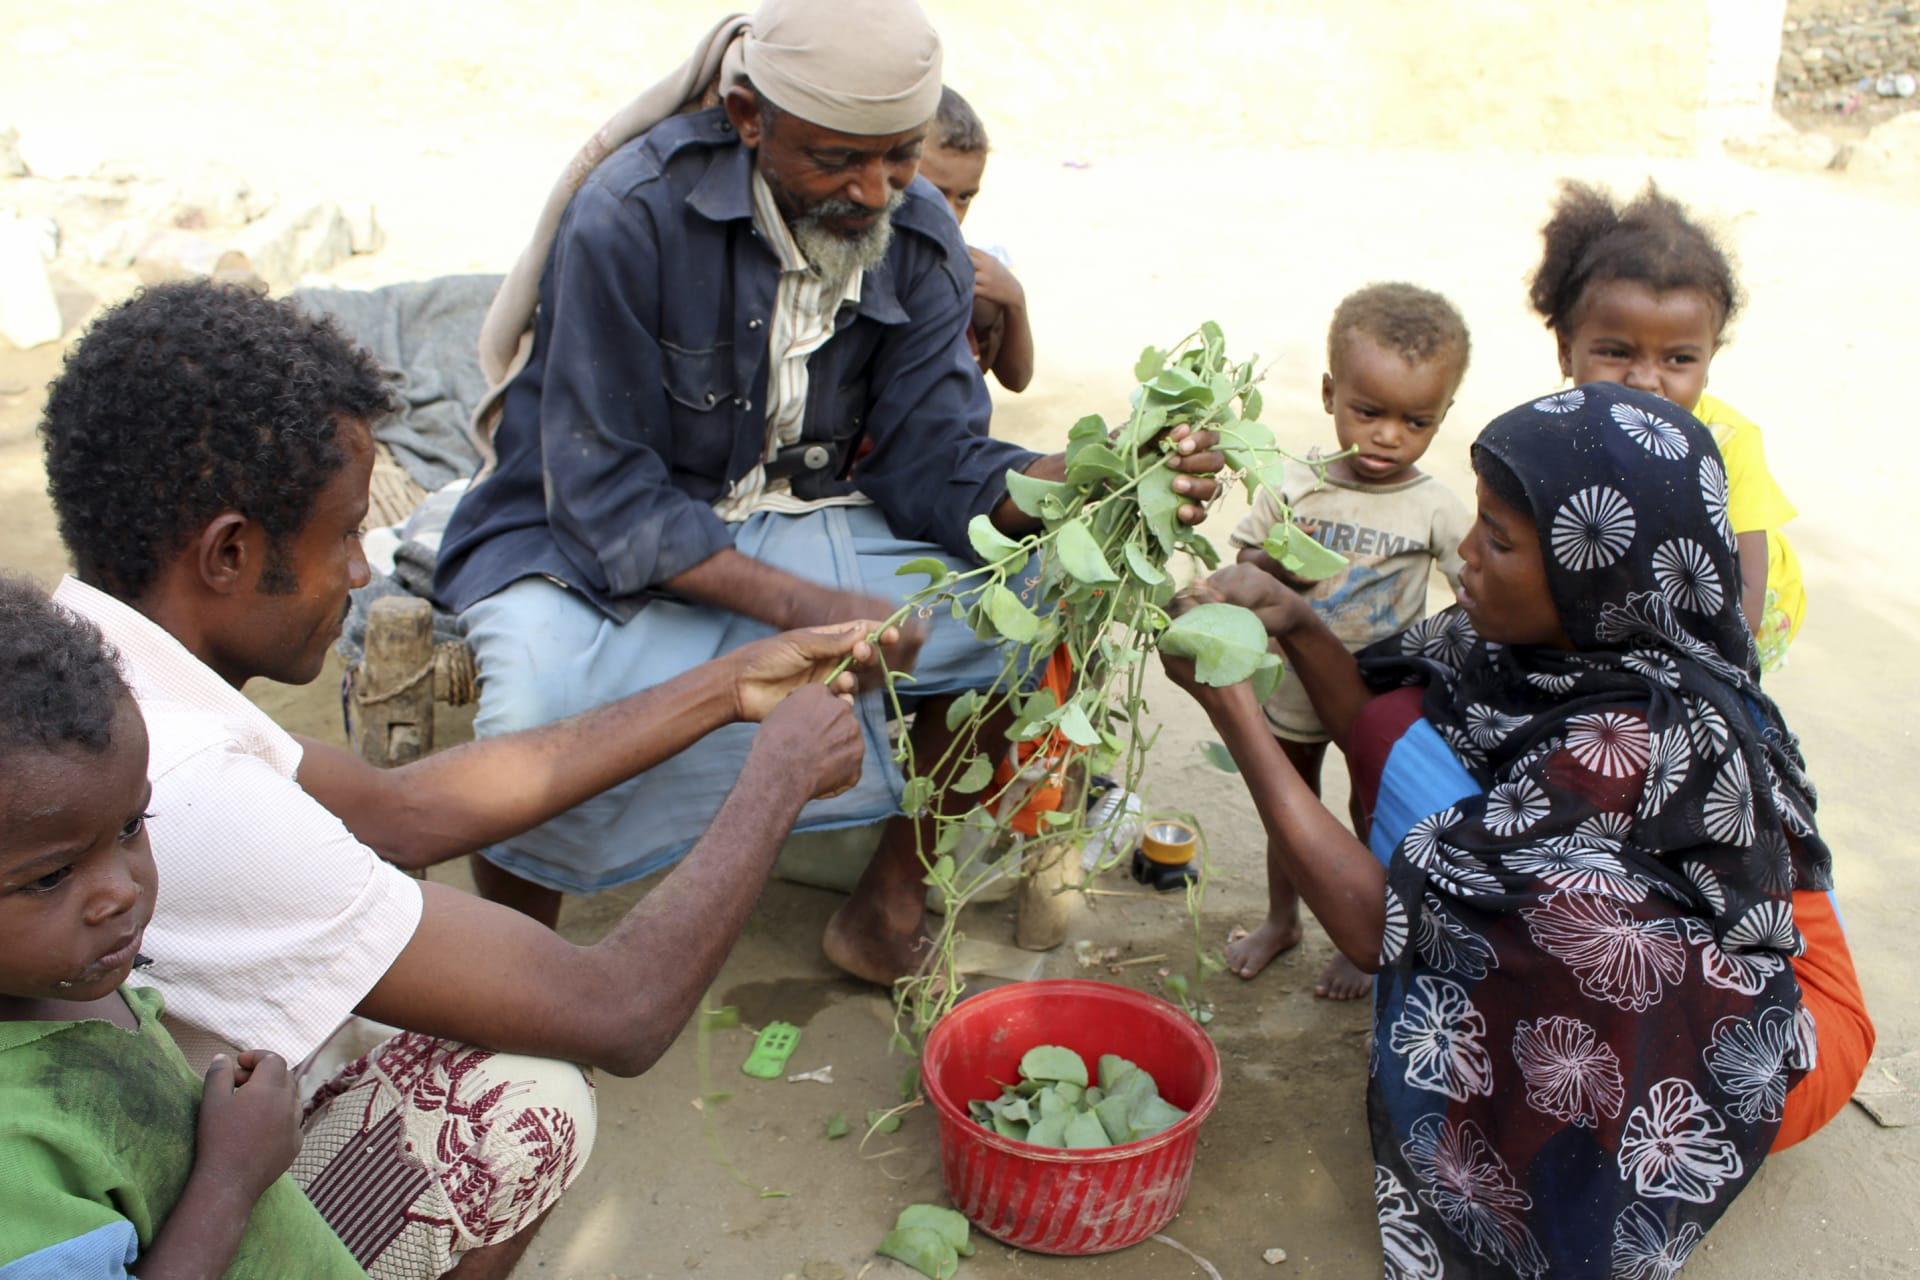 اليونيسيف: تغذية الأطفال في الشرق الأوسط وشمال أفريقيا تسوء